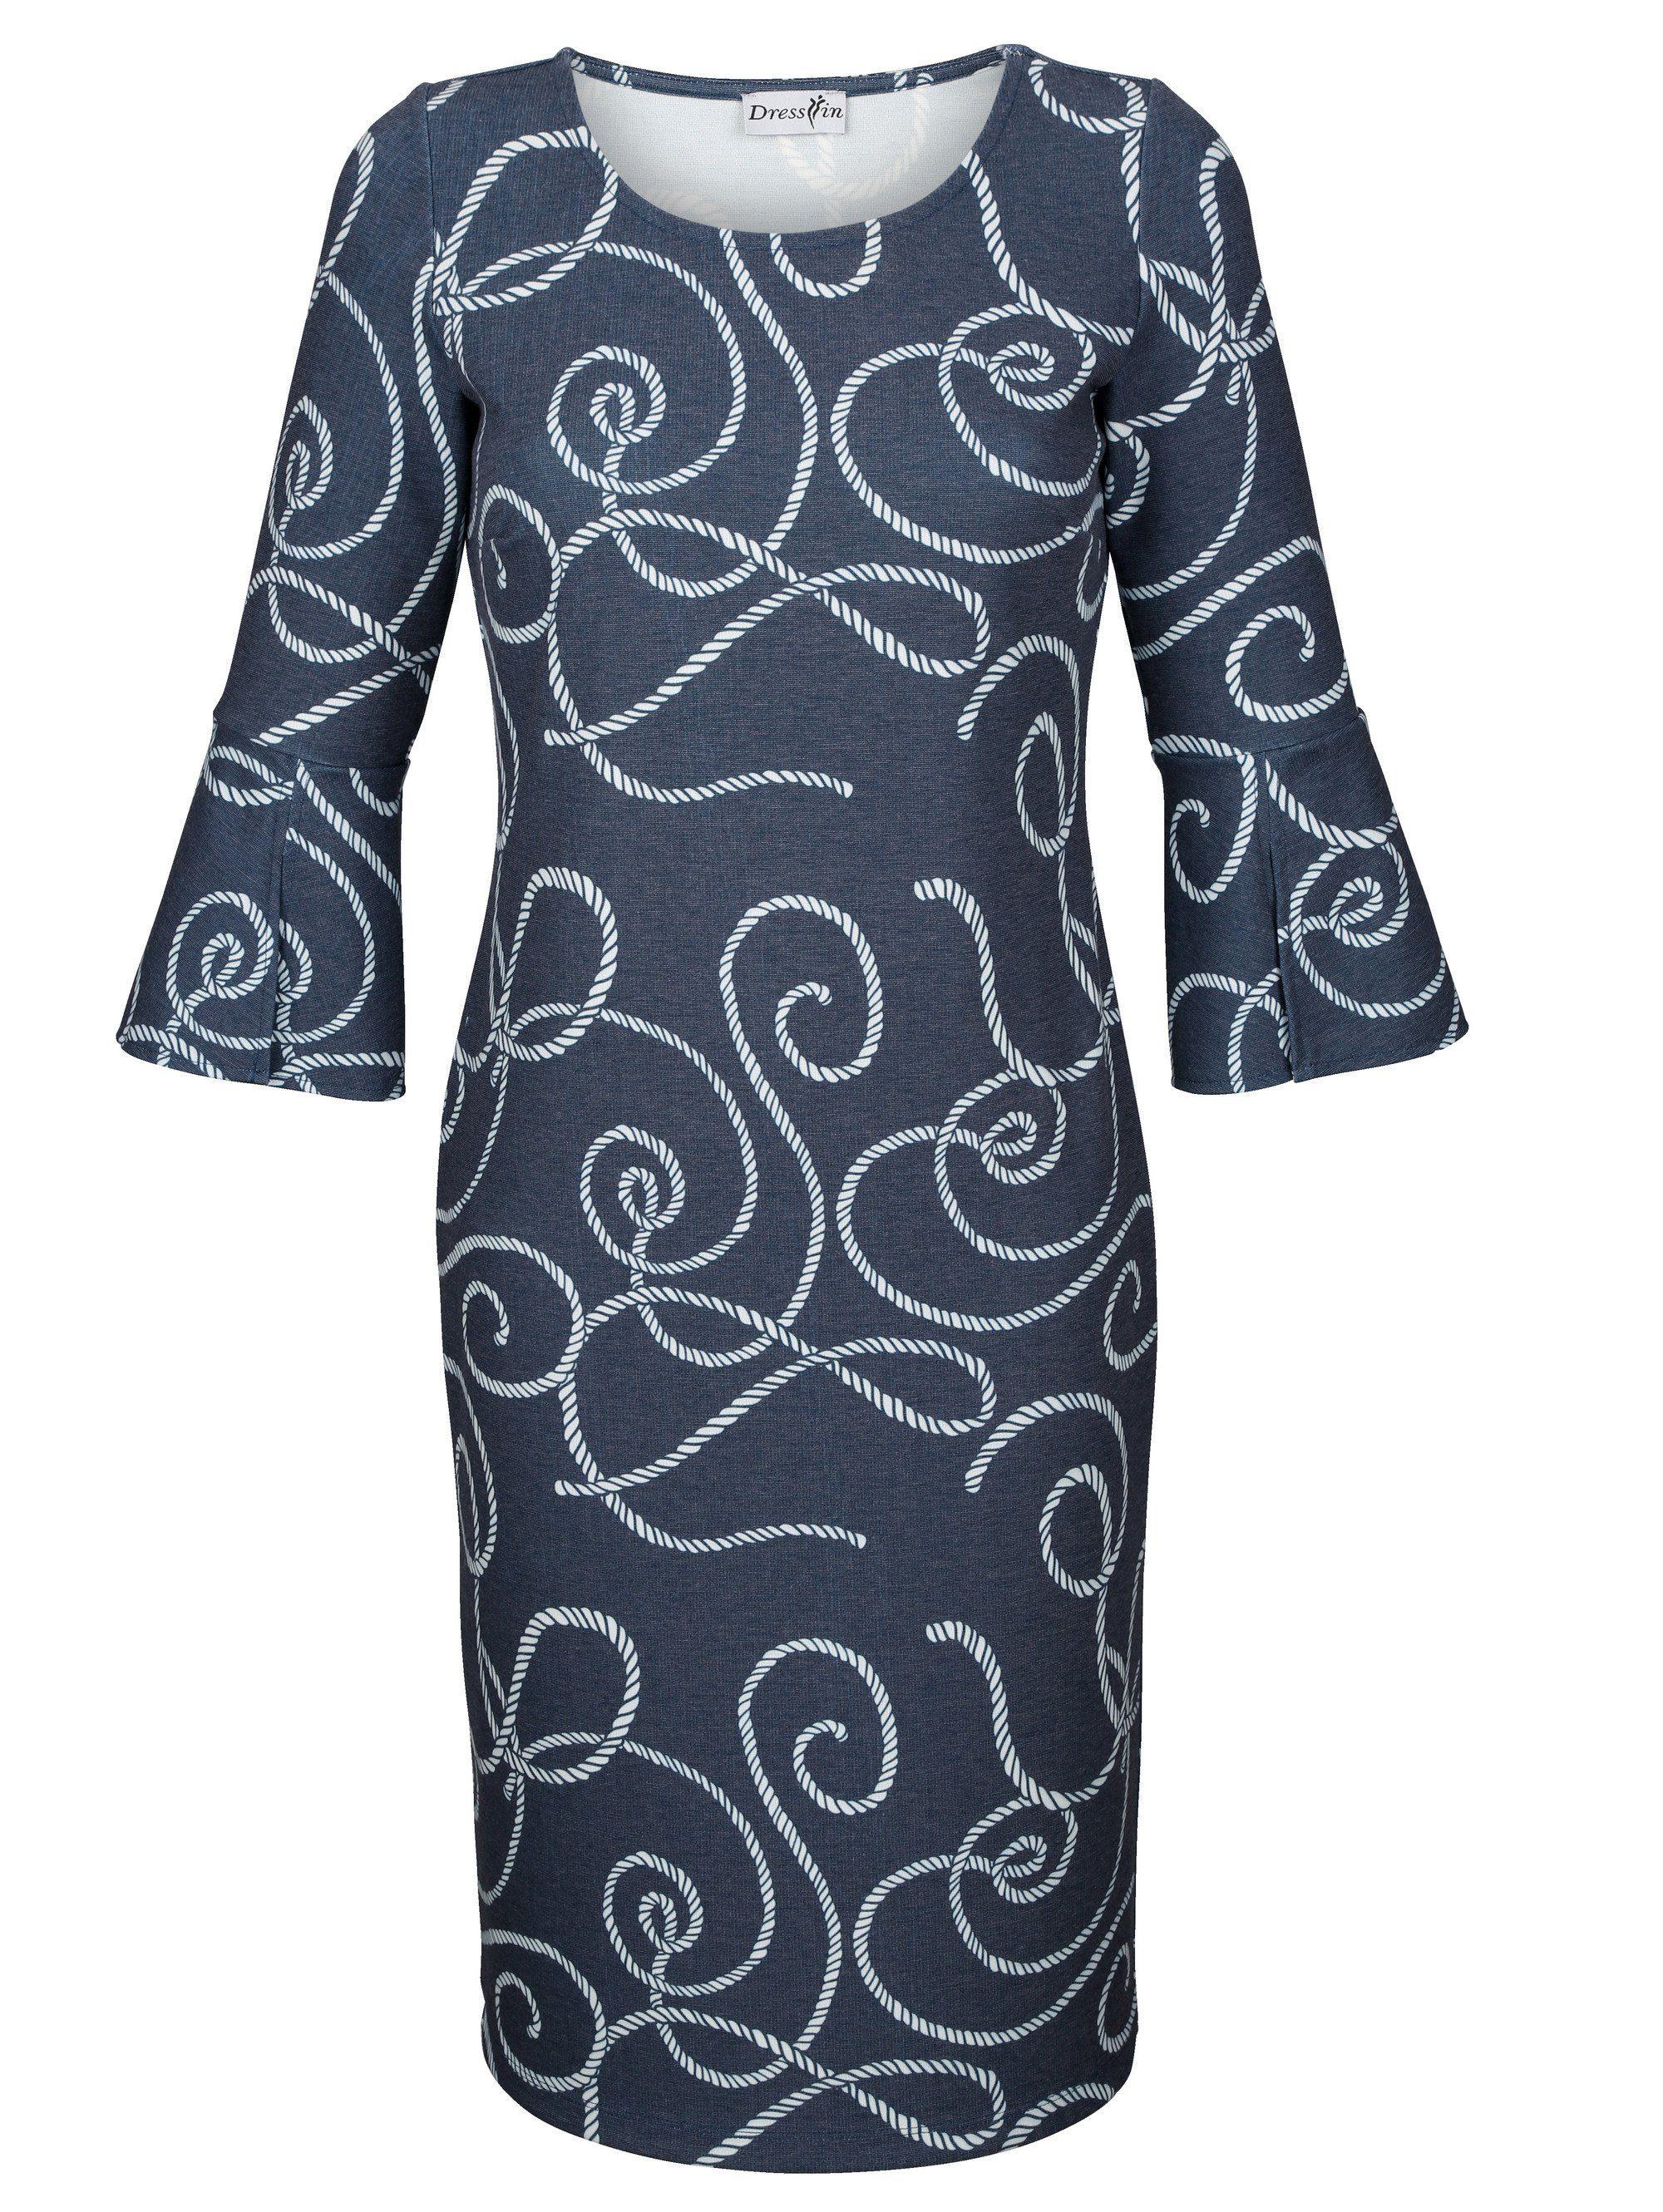 Dress In Kleid mit maritimen Knotendruck